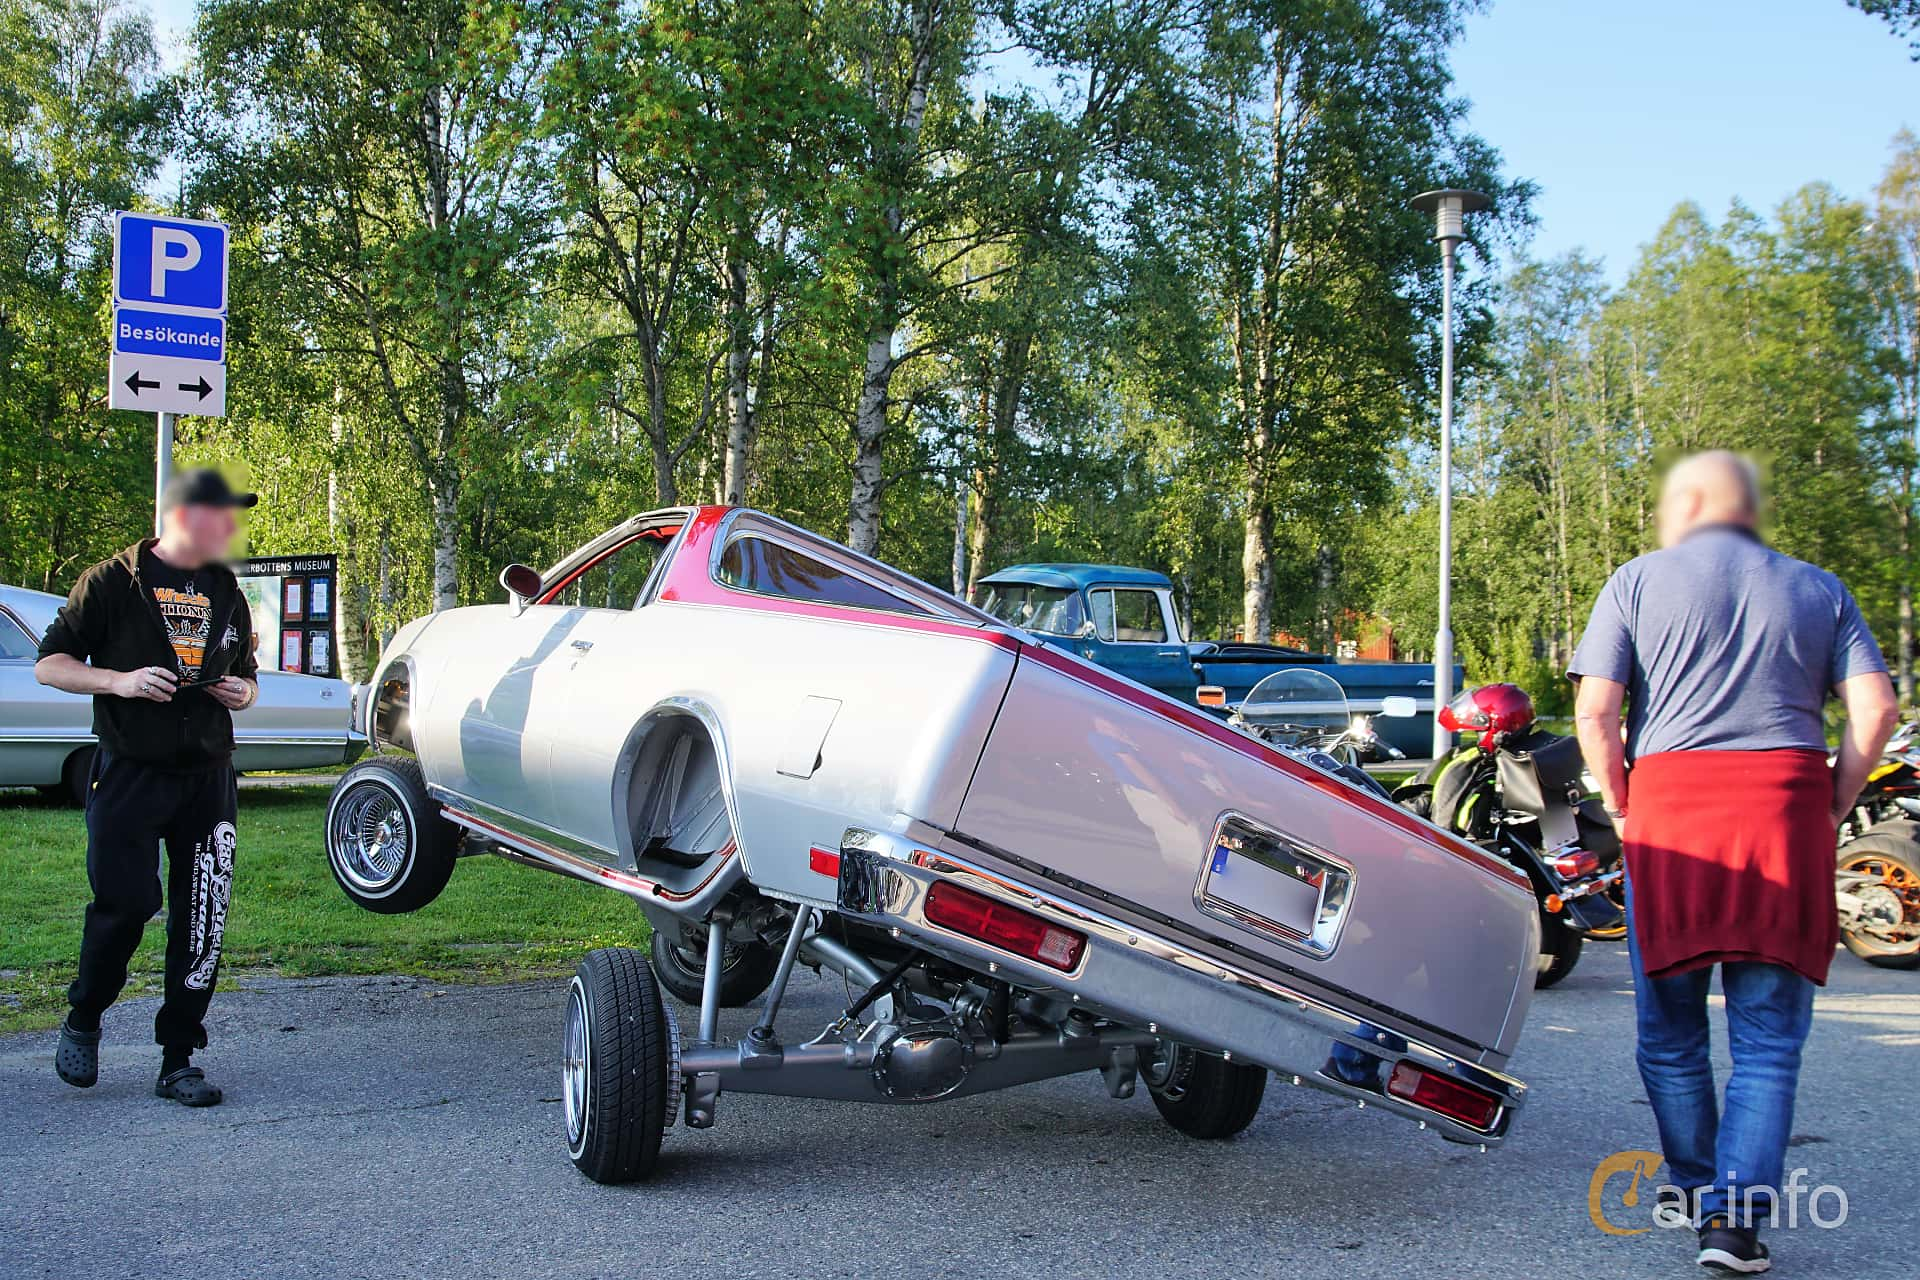 Chevrolet El Camino 5.0 V8 Hydra-Matic, 145hp, 1983 at Onsdagsträffar på Gammlia Umeå 2019 vecka 28